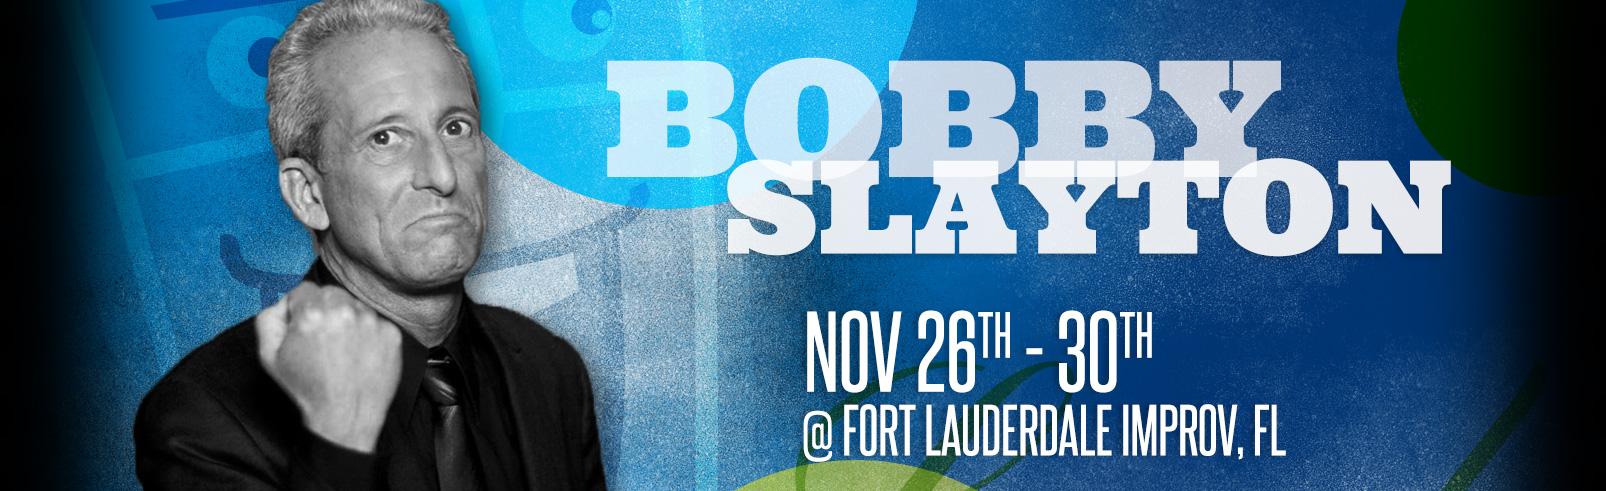 Bobby Slaton @ Fort Lauderdale Improv